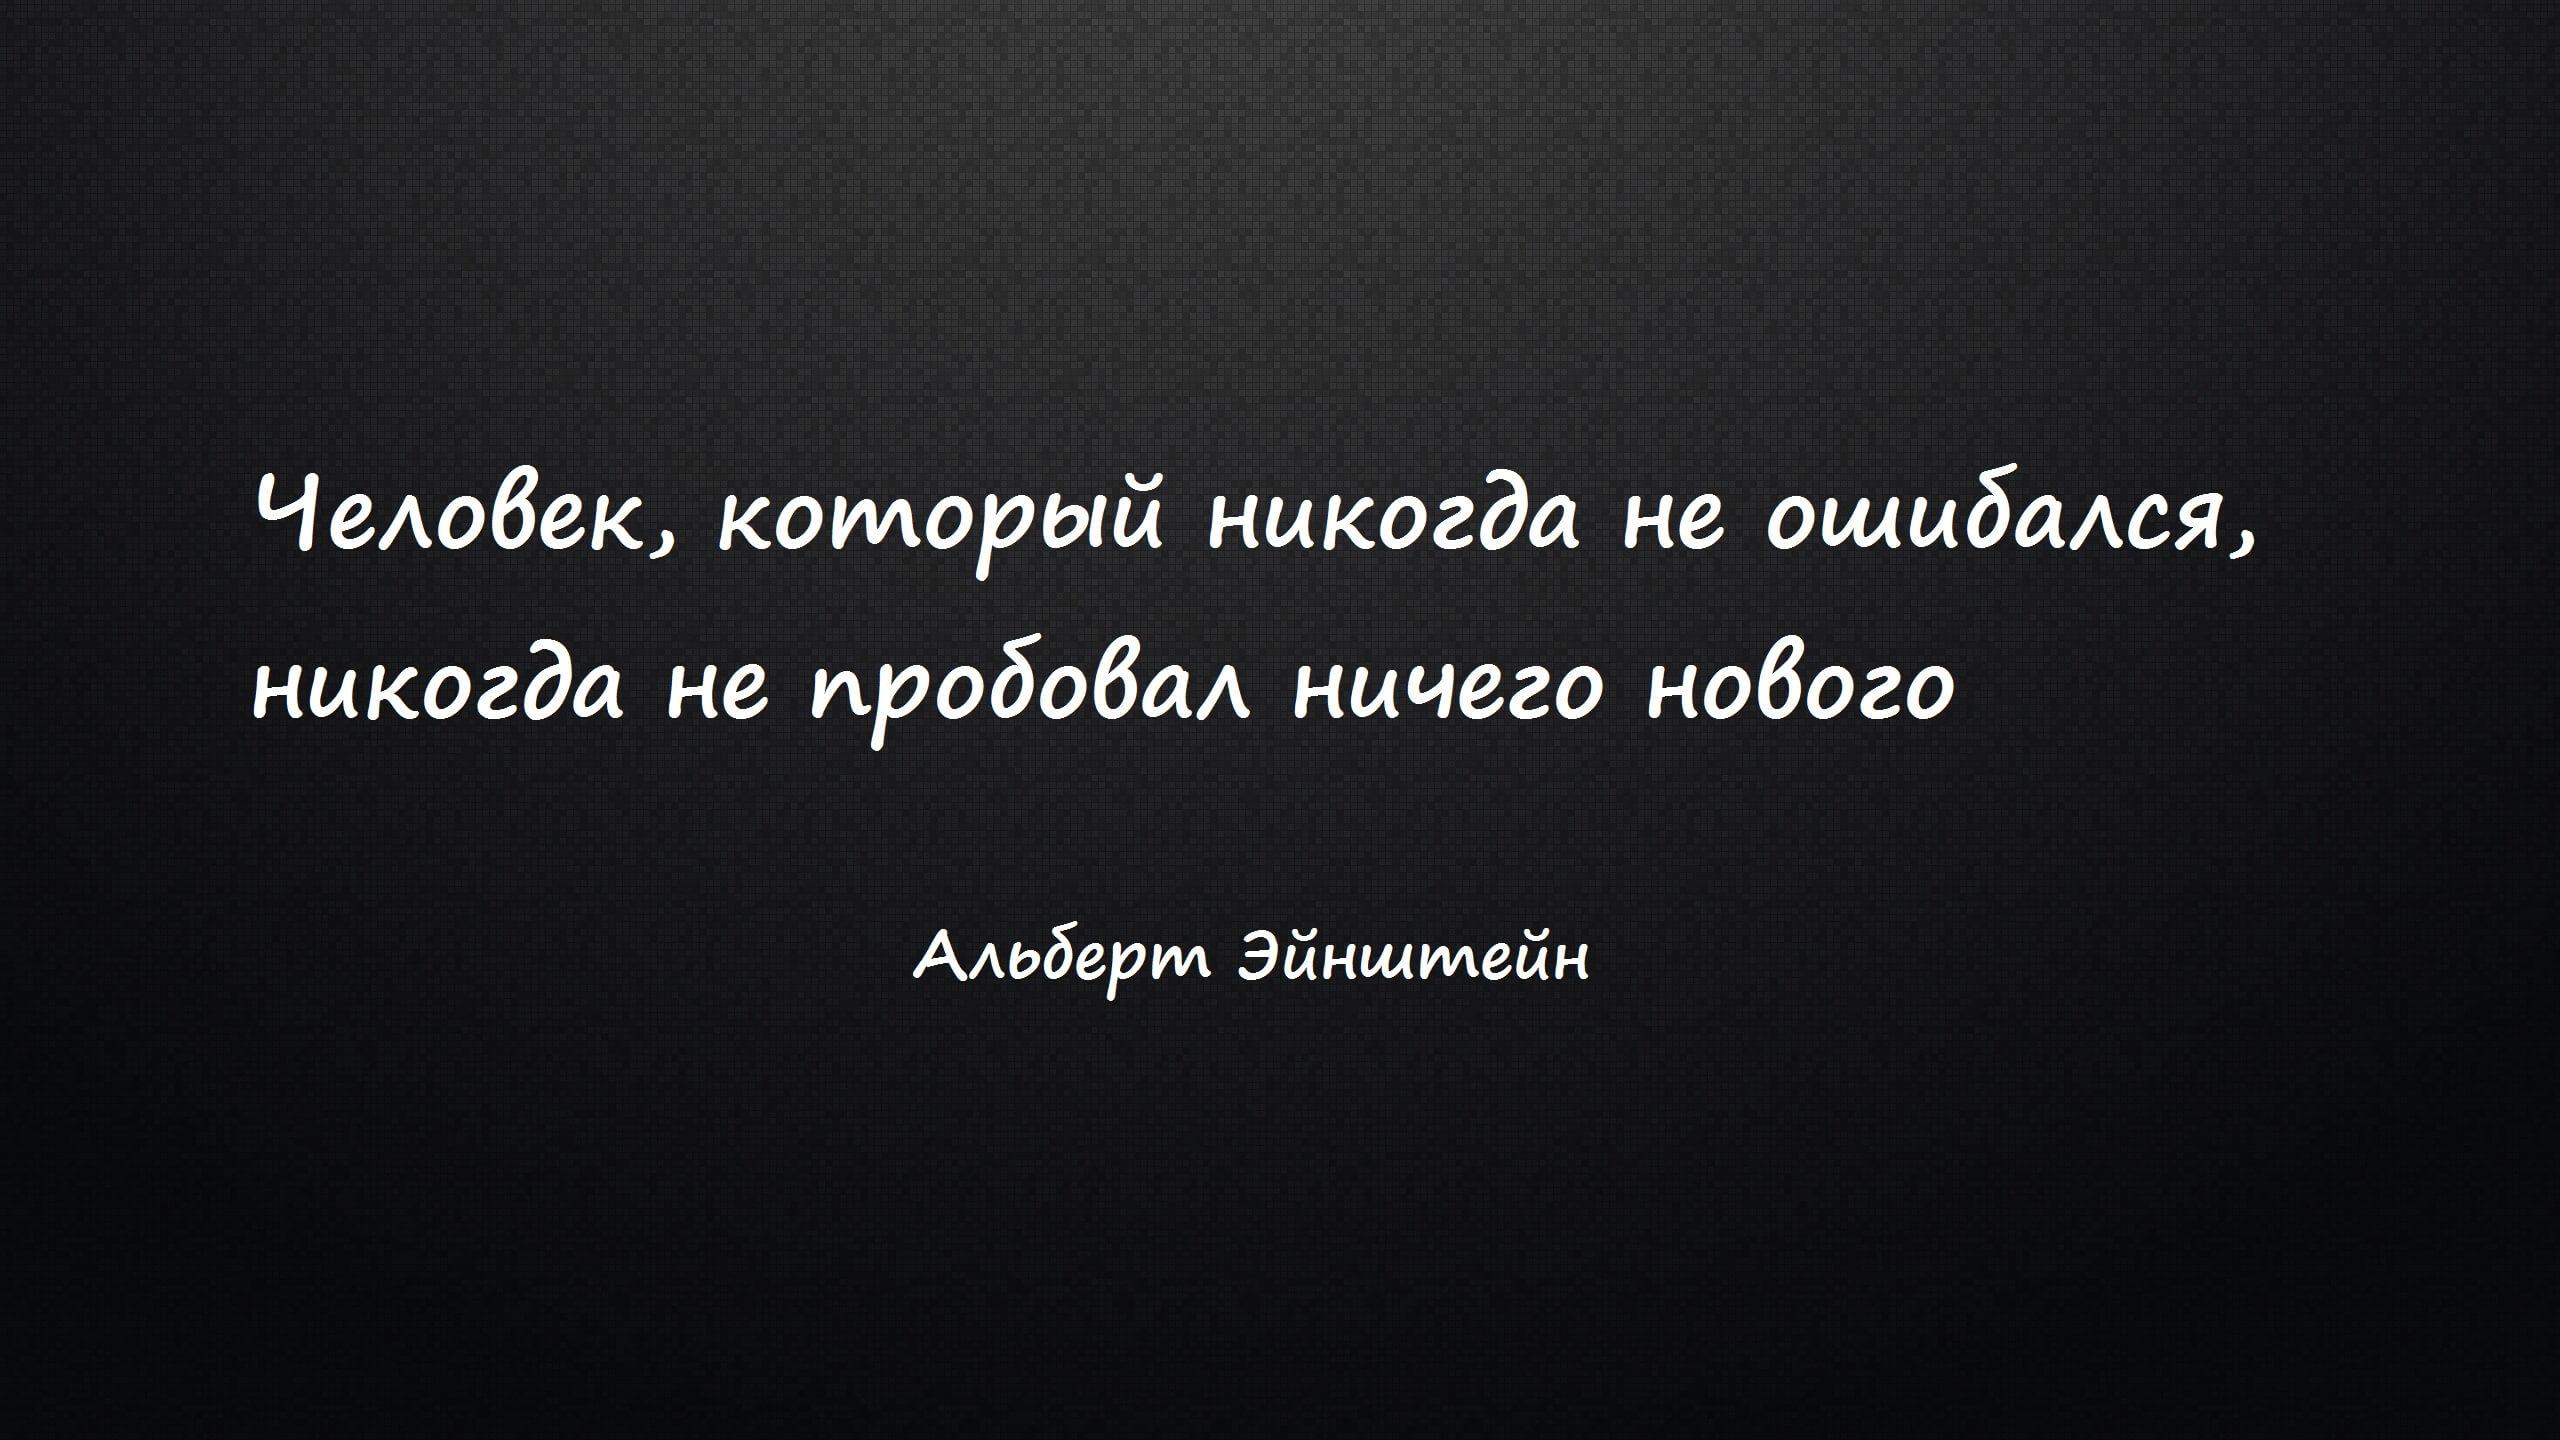 Человек, который никогда не ошибался, никогда не пробовал ничего нового. Альберт Эйнштейн.